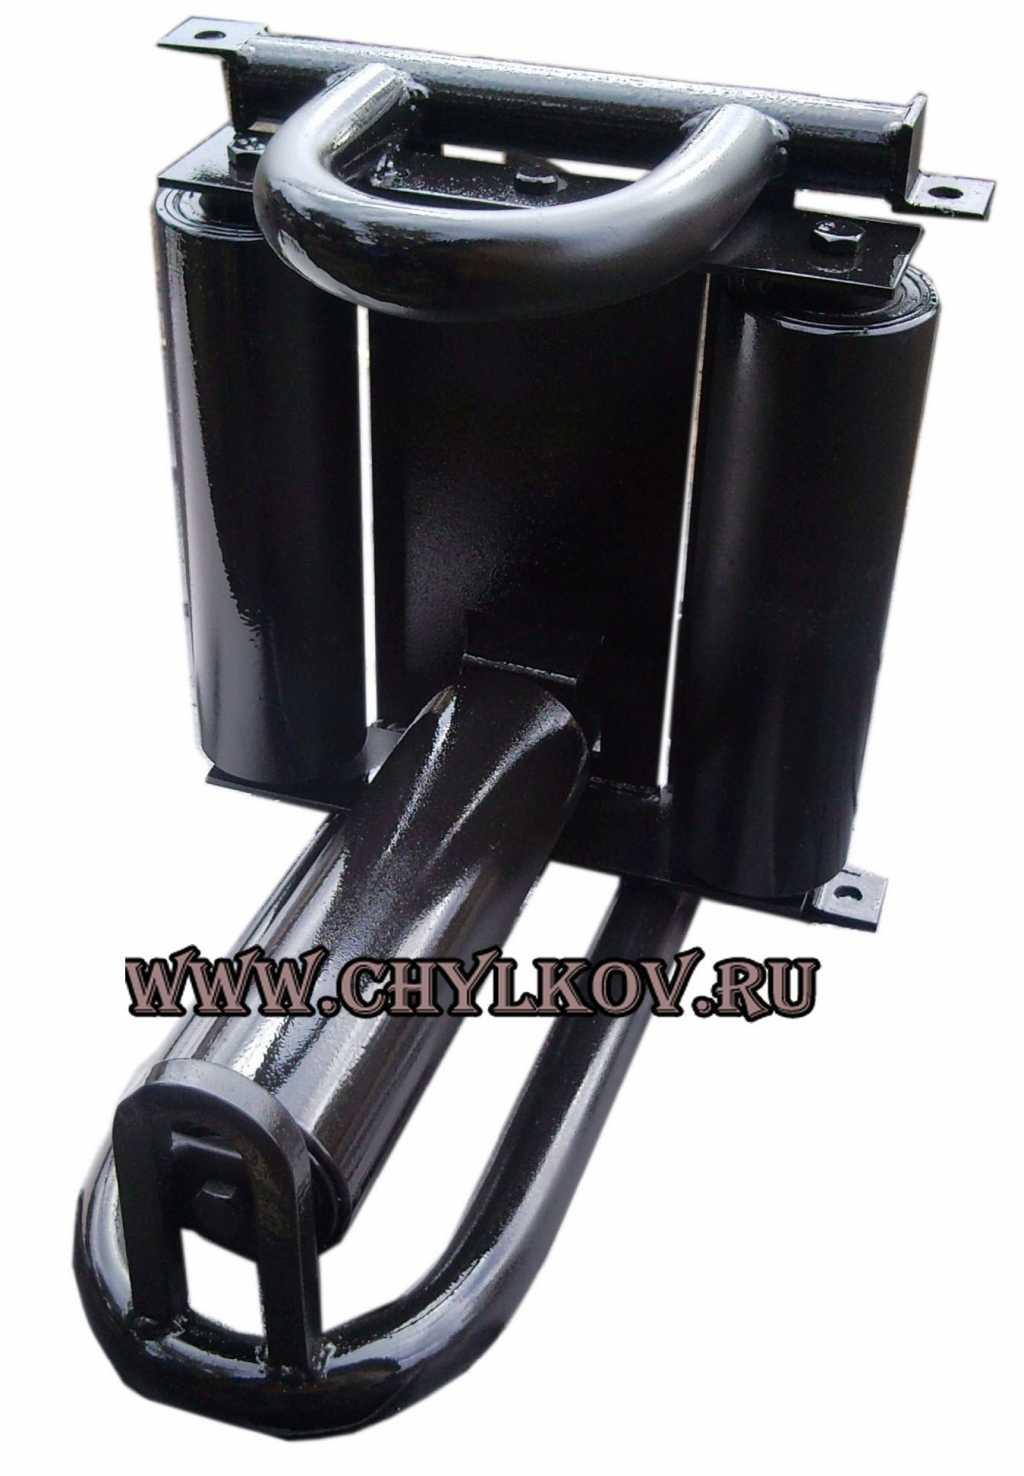 Ролик кабельный угловой БРК 3-160 в Москве. Фото 1, ролик, кабельный, угловой, брк, москва